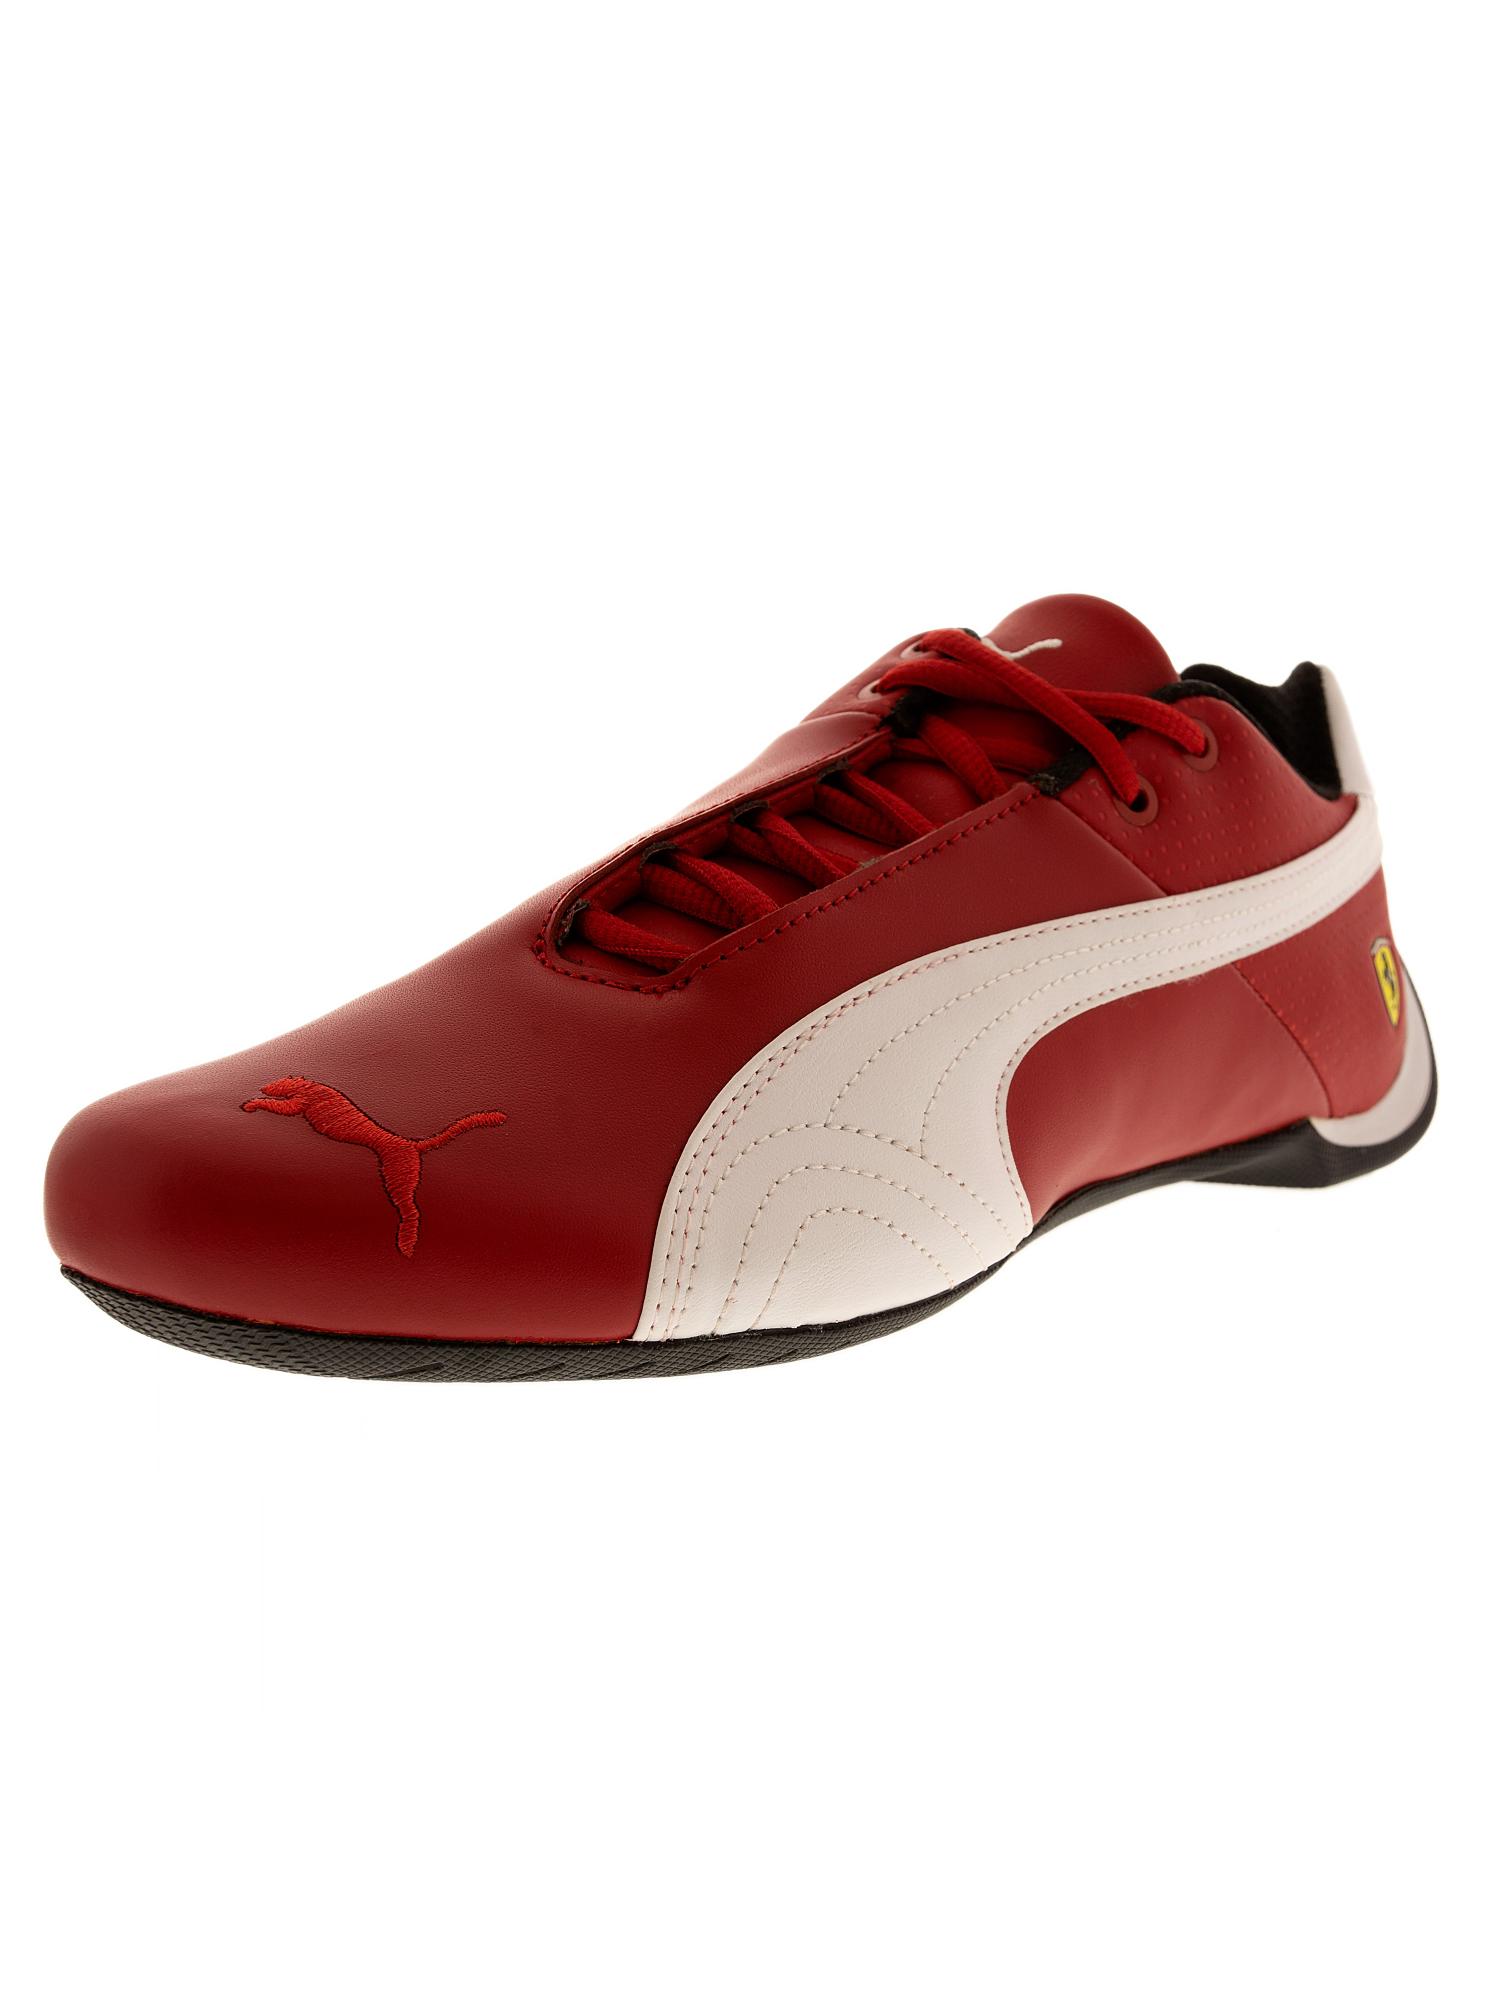 Puma männer knöchel sf zukunft katze og knöchel männer hohe sneaker mode 192f65